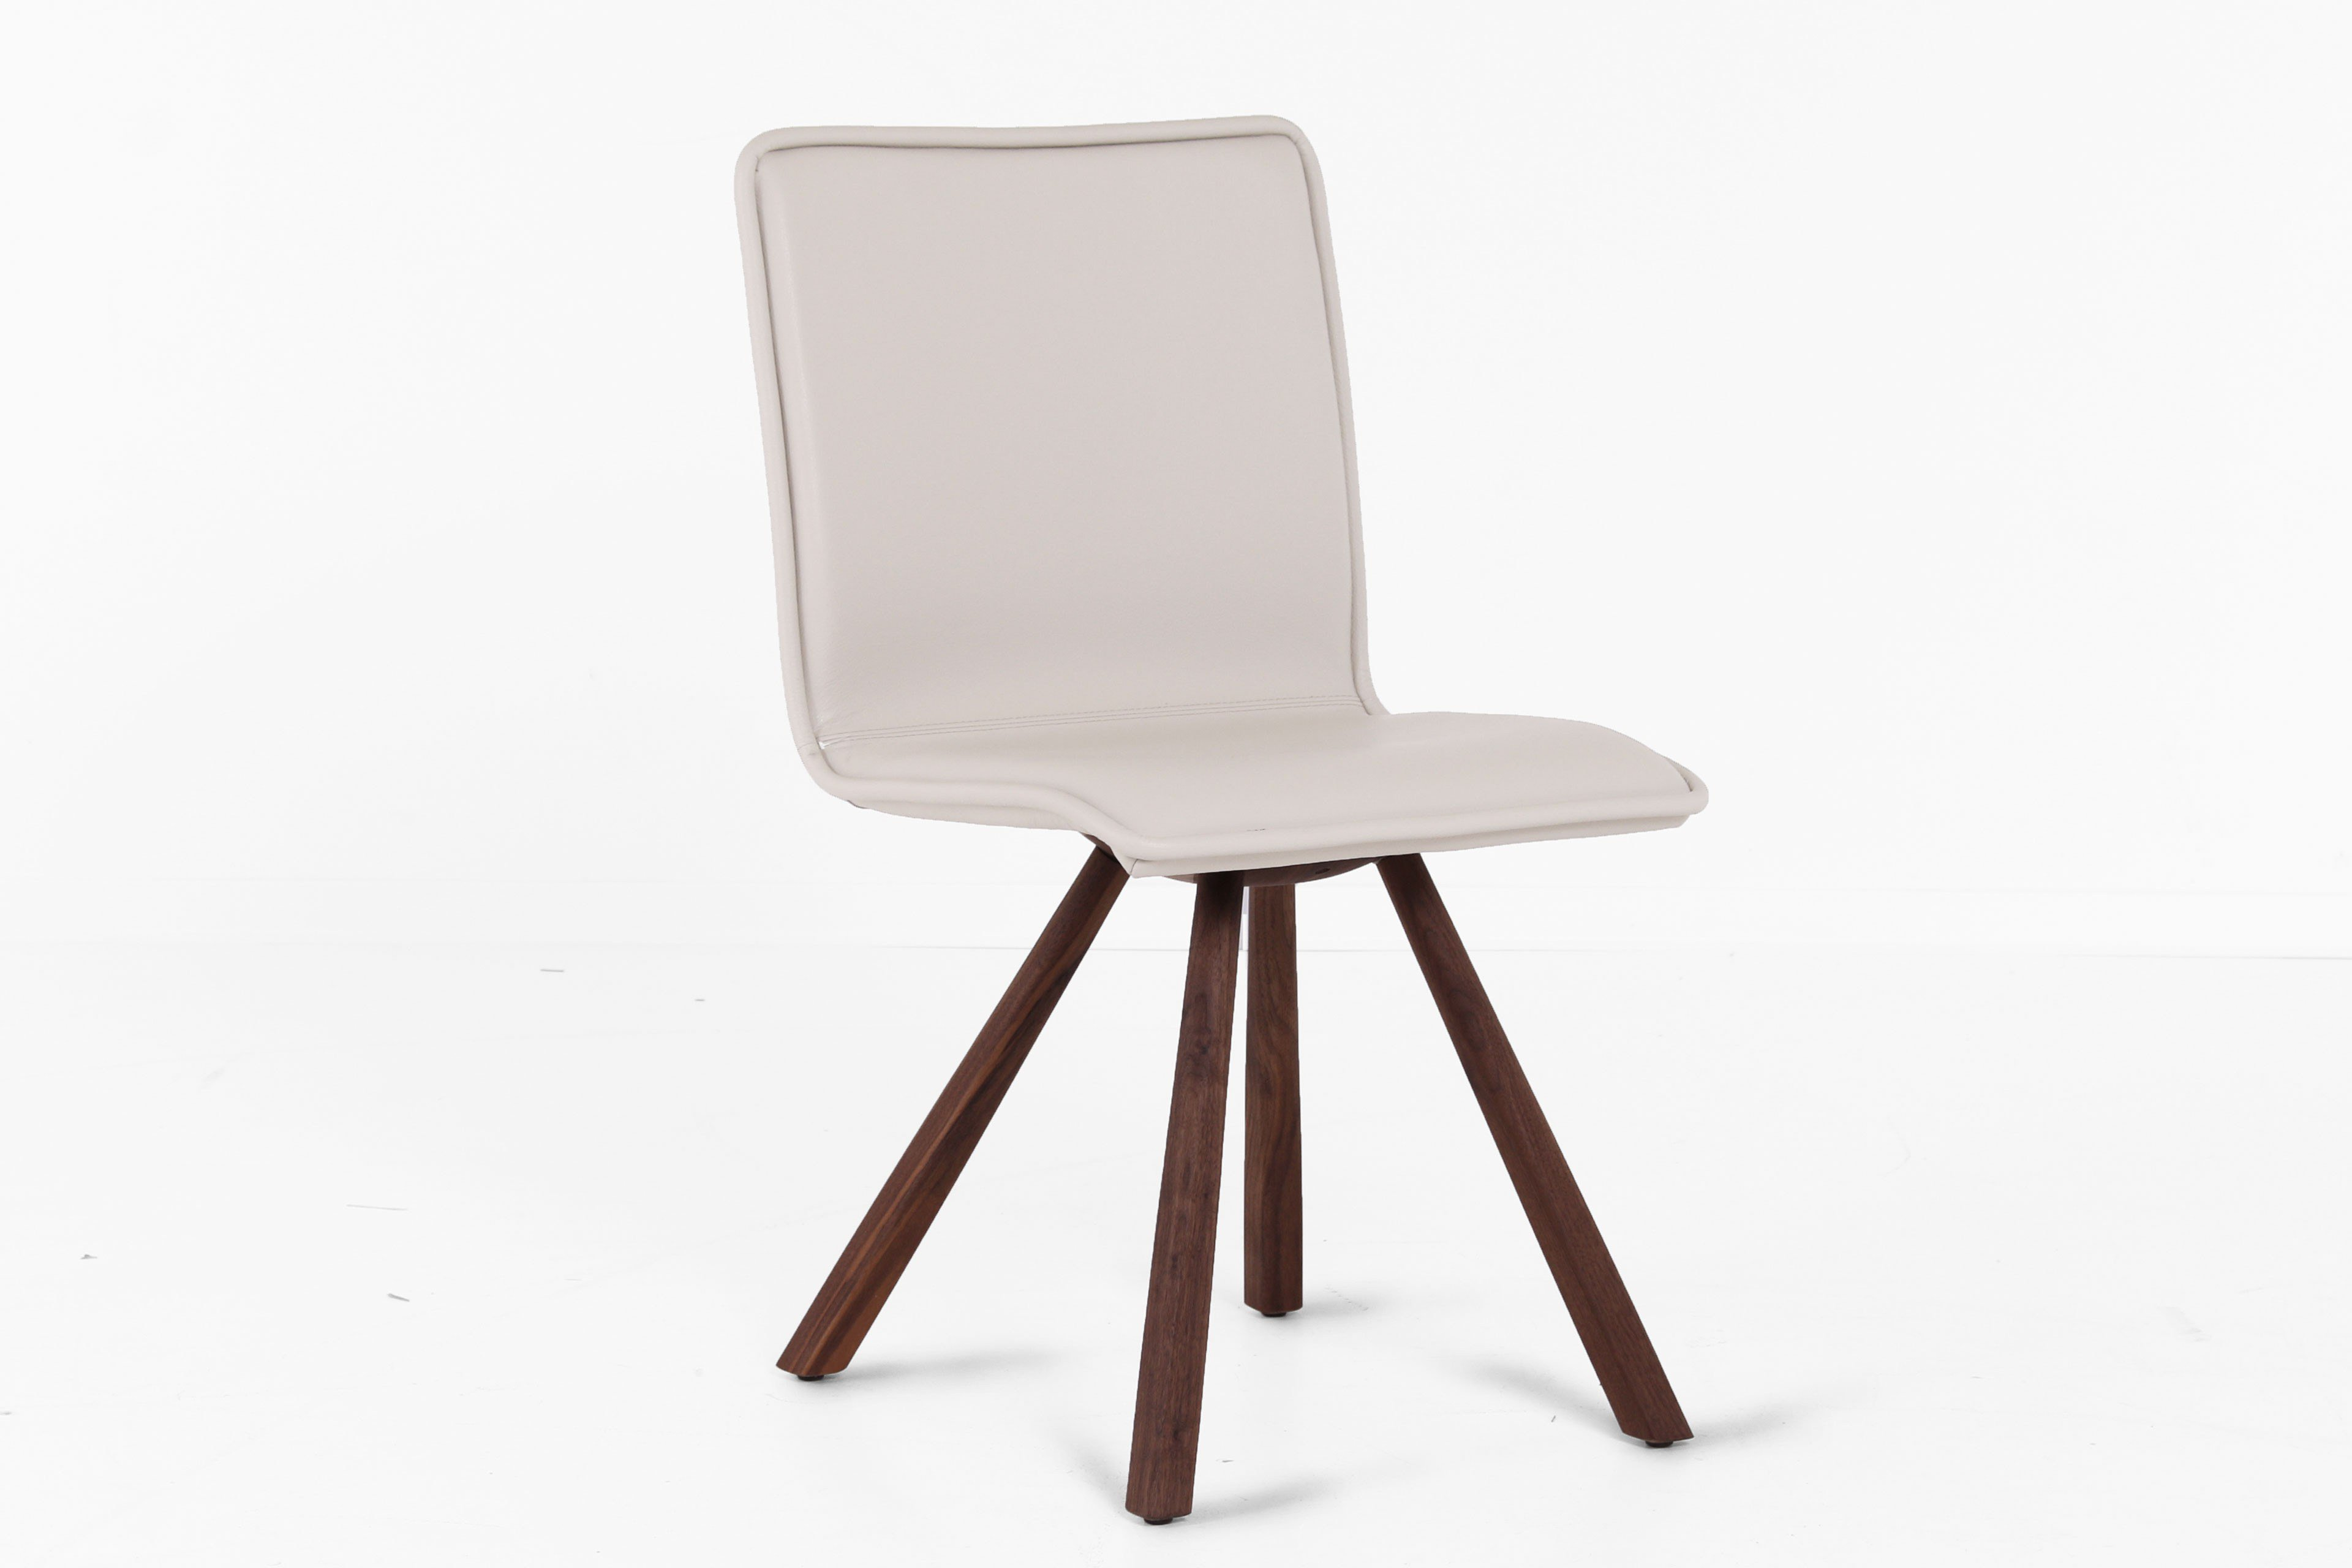 Stuhl leder interesting dunord design stuhl verona weiss for Dunord design stuhl verona